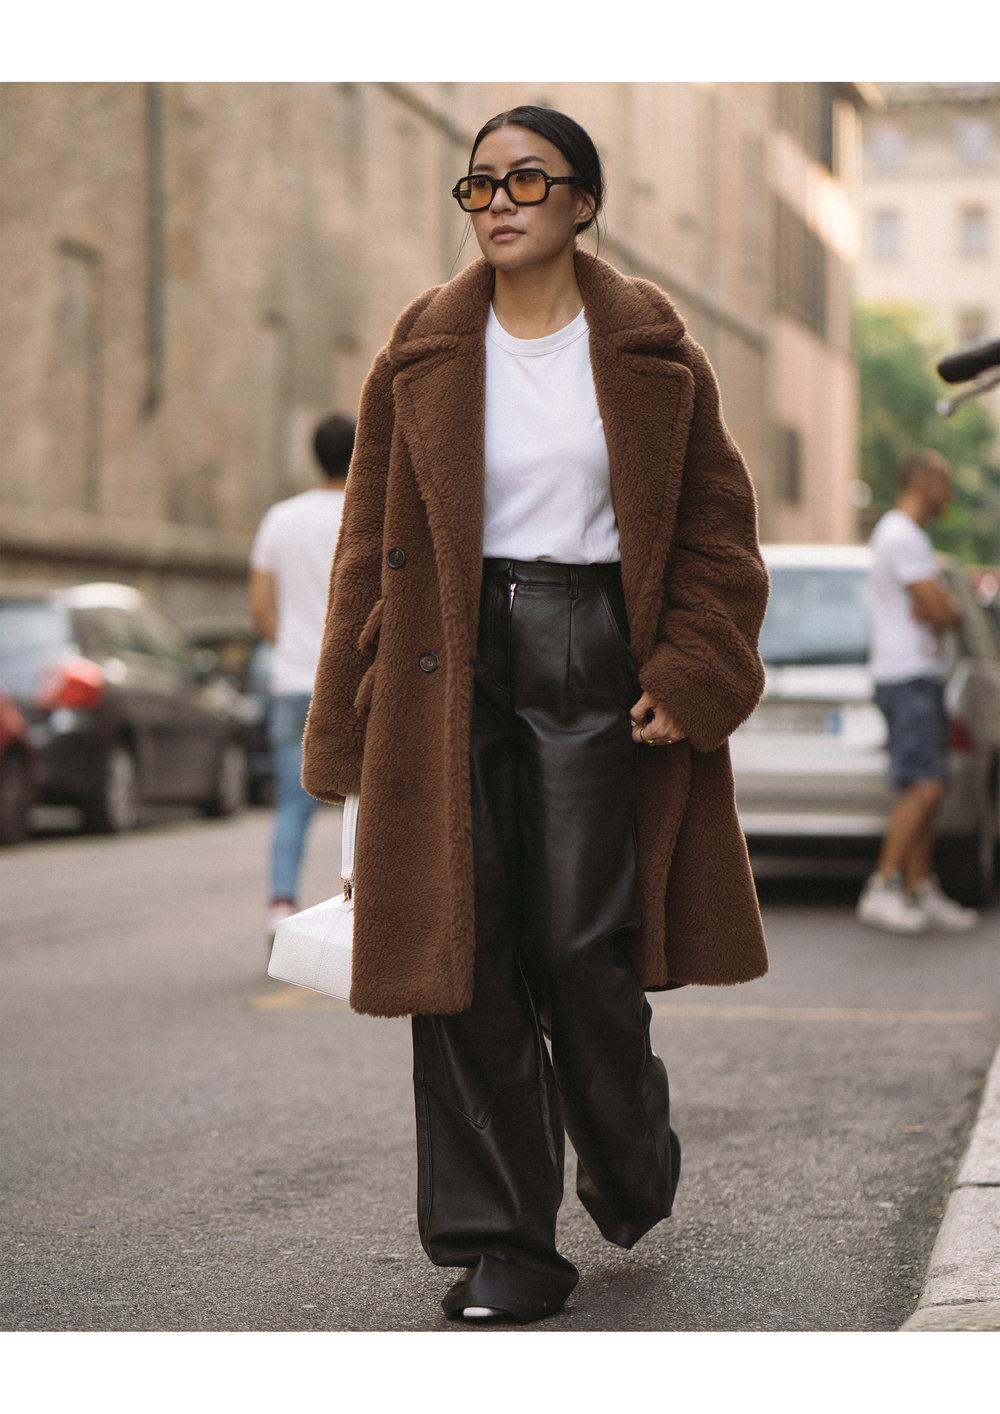 Coat: Max Mara, Tee: Uniqlo, Leather Pants: Freya Dalsjo